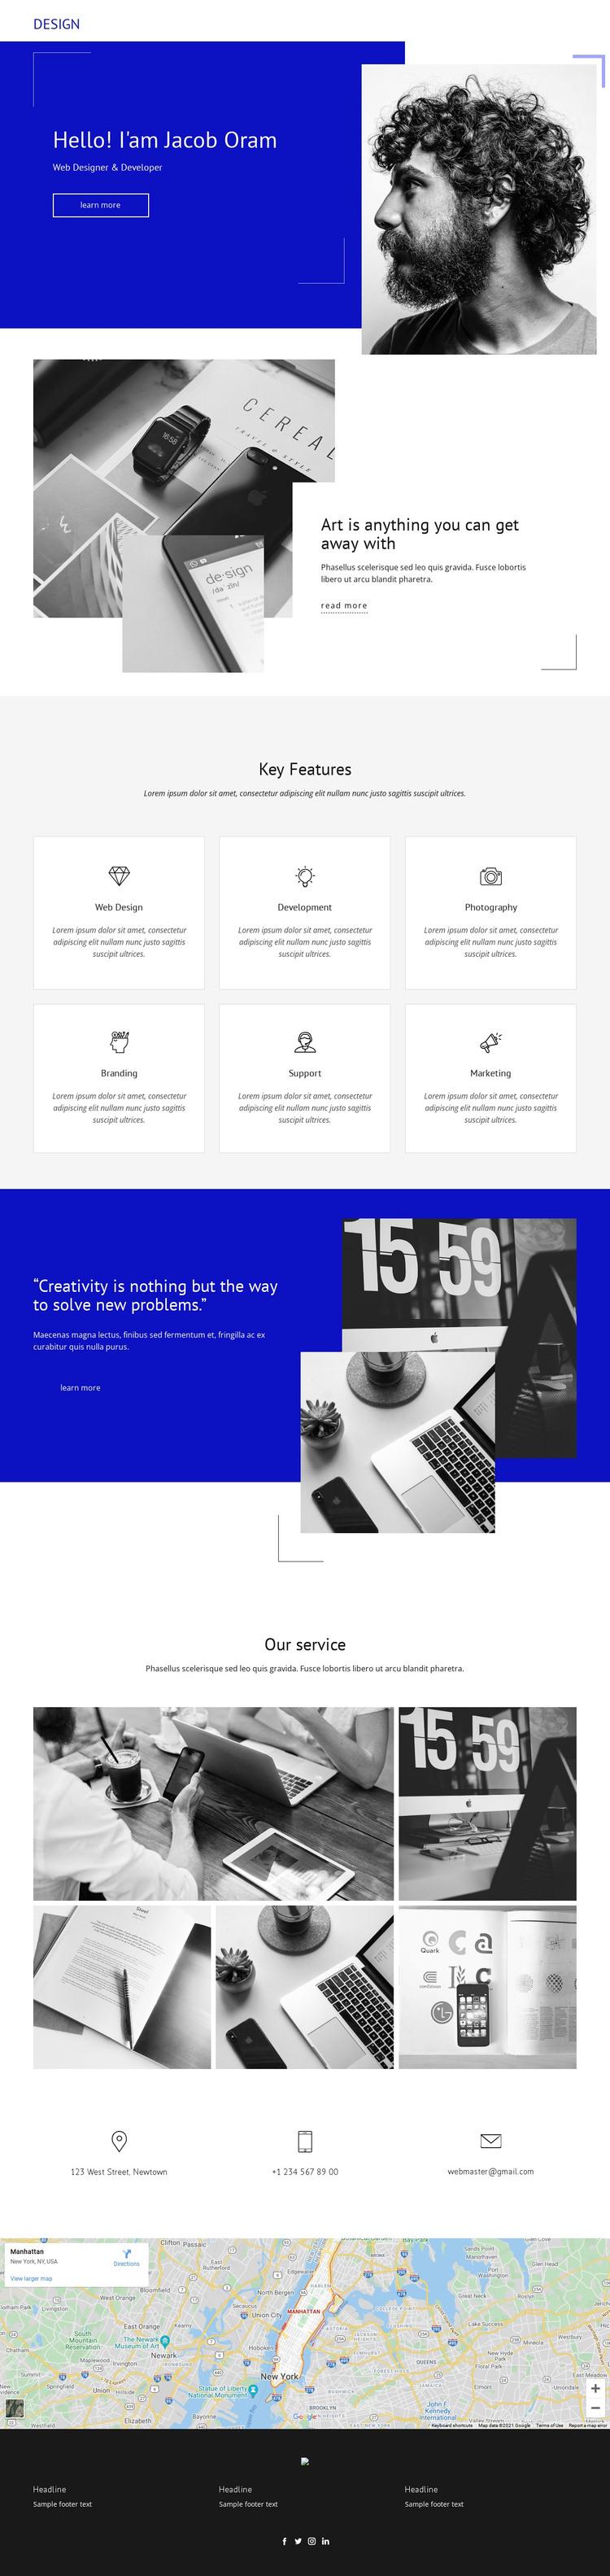 Jacob Oram Portfolio WordPress Theme